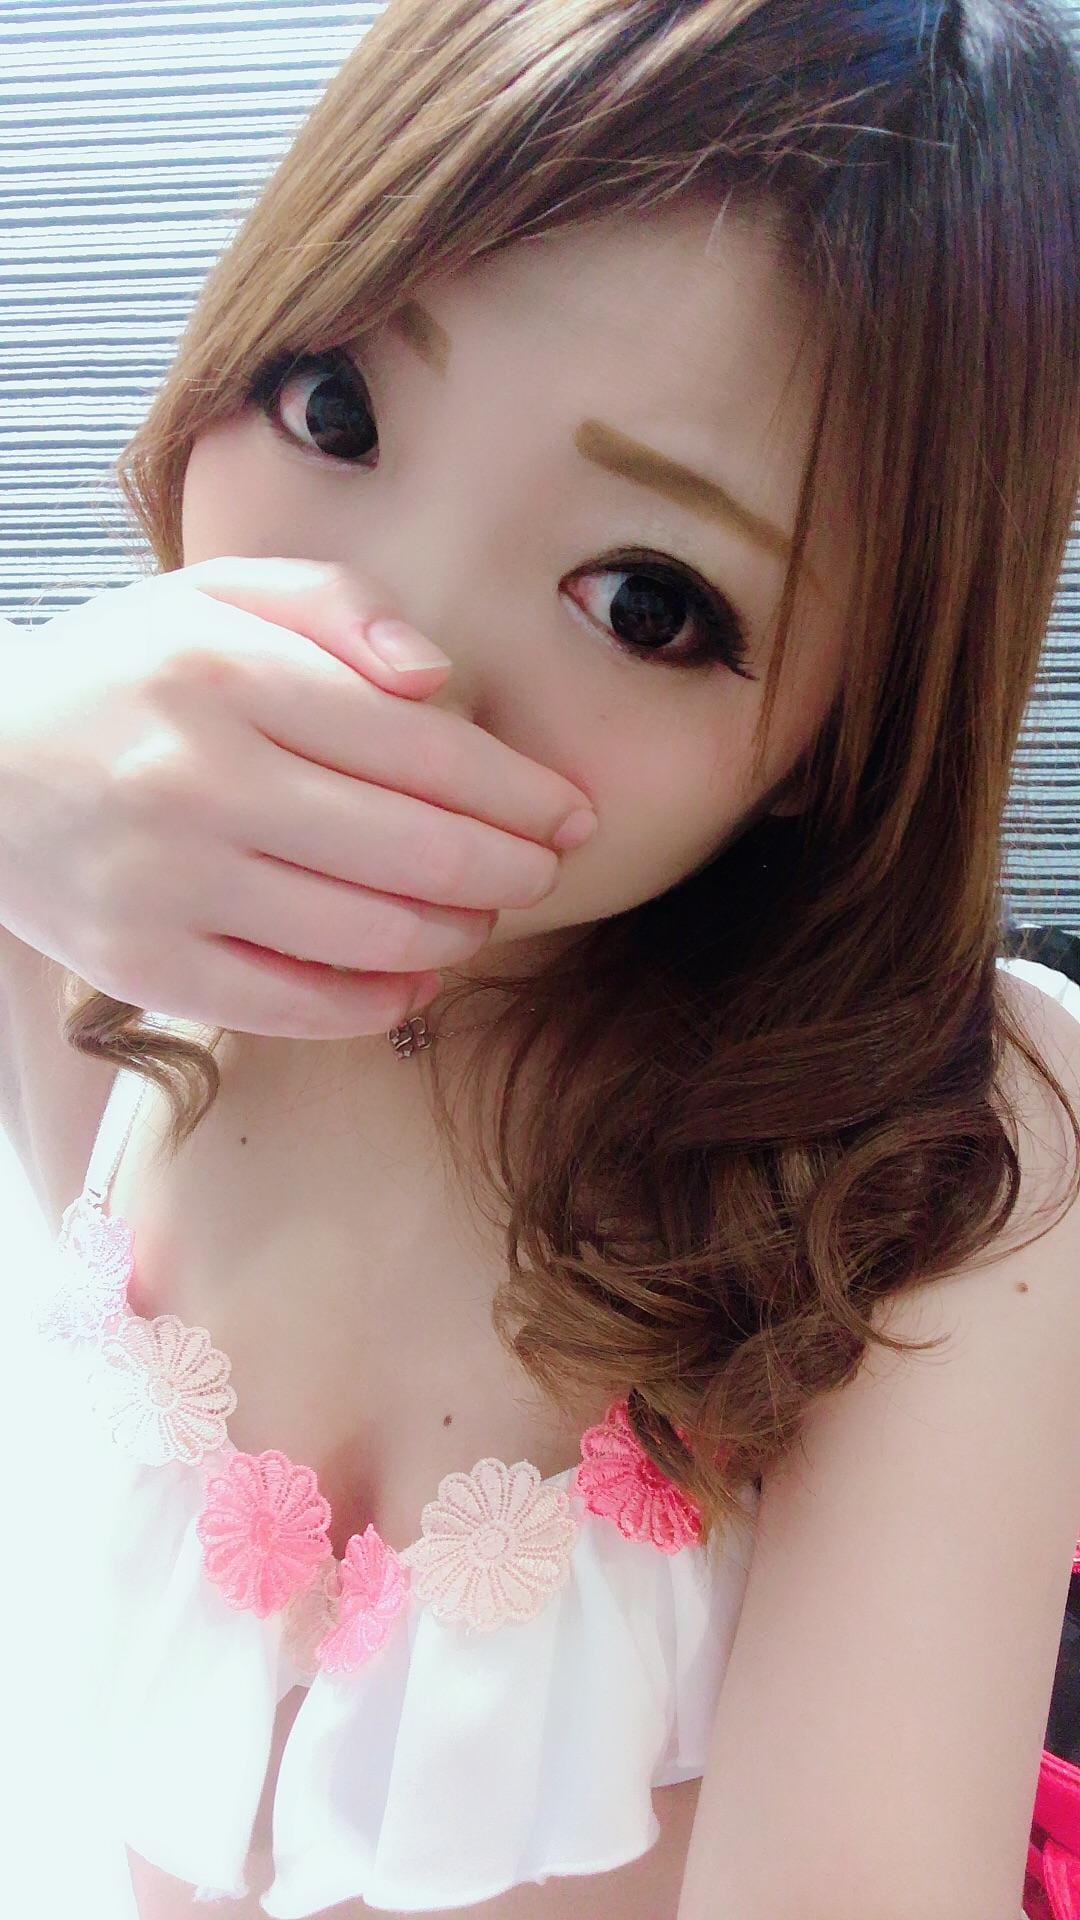 「ありがとう♡」09/28(金) 23:36   サクラの写メ・風俗動画